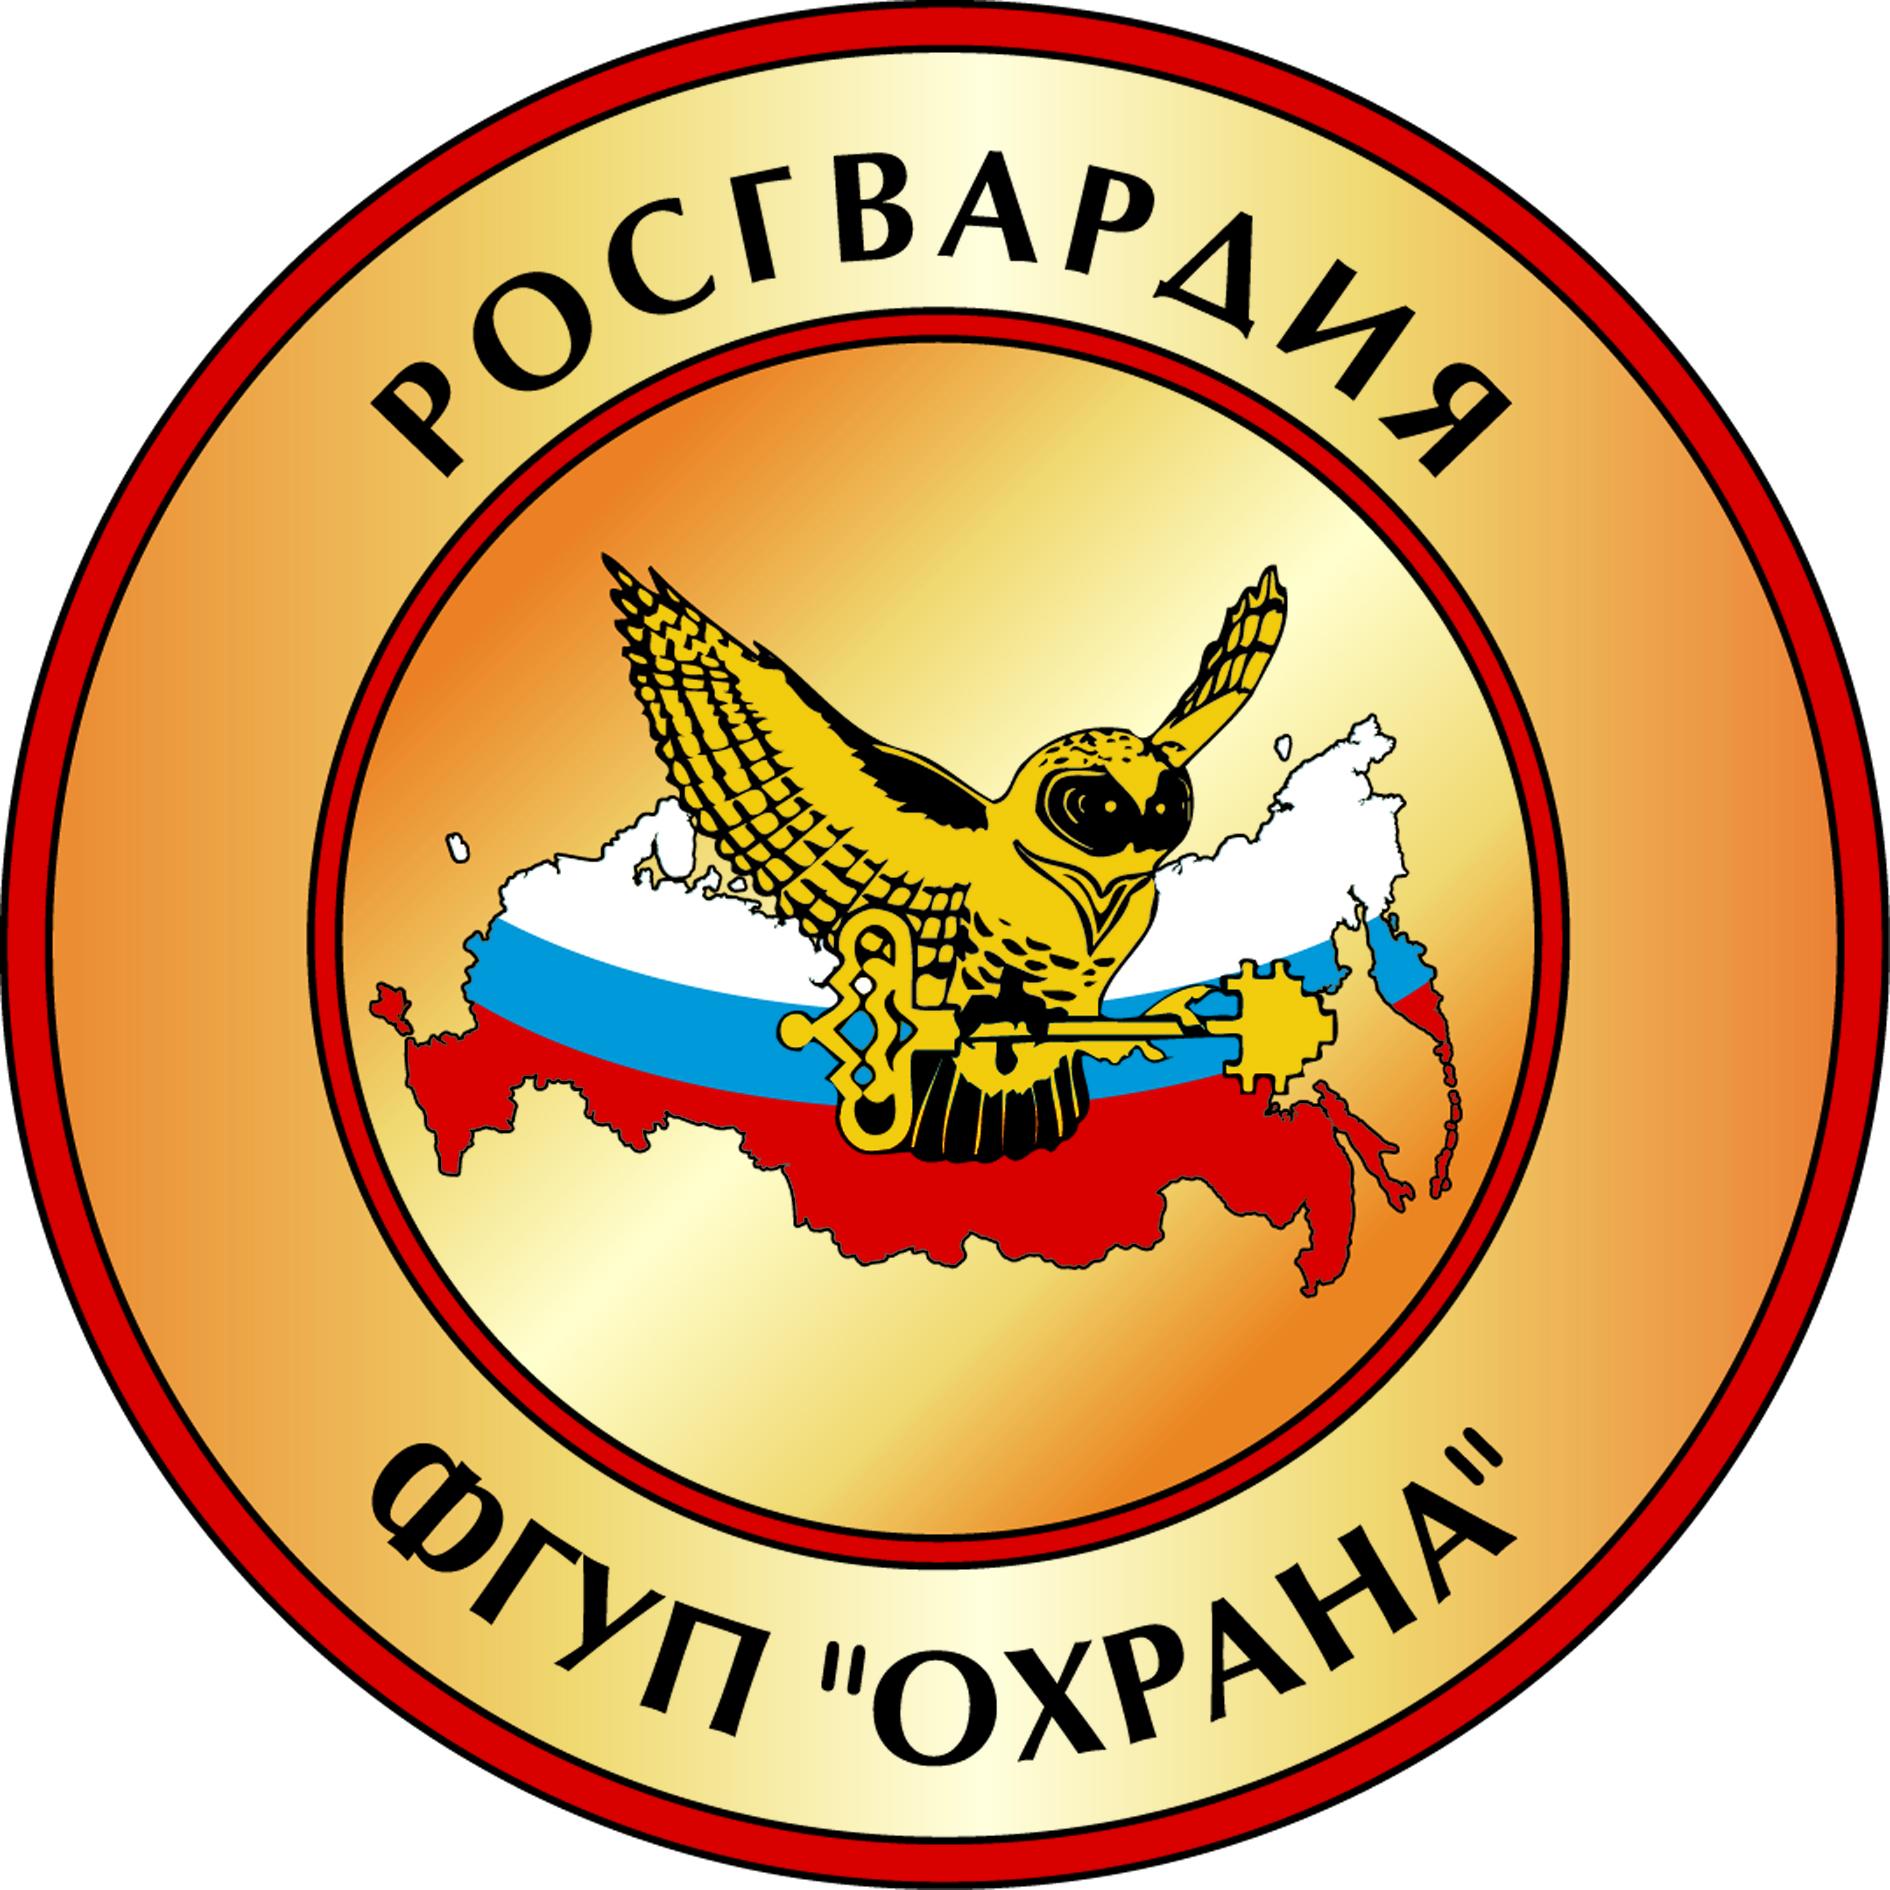 Работа в компании «ФГУП «Охрана» Росгвардии» в Чехова